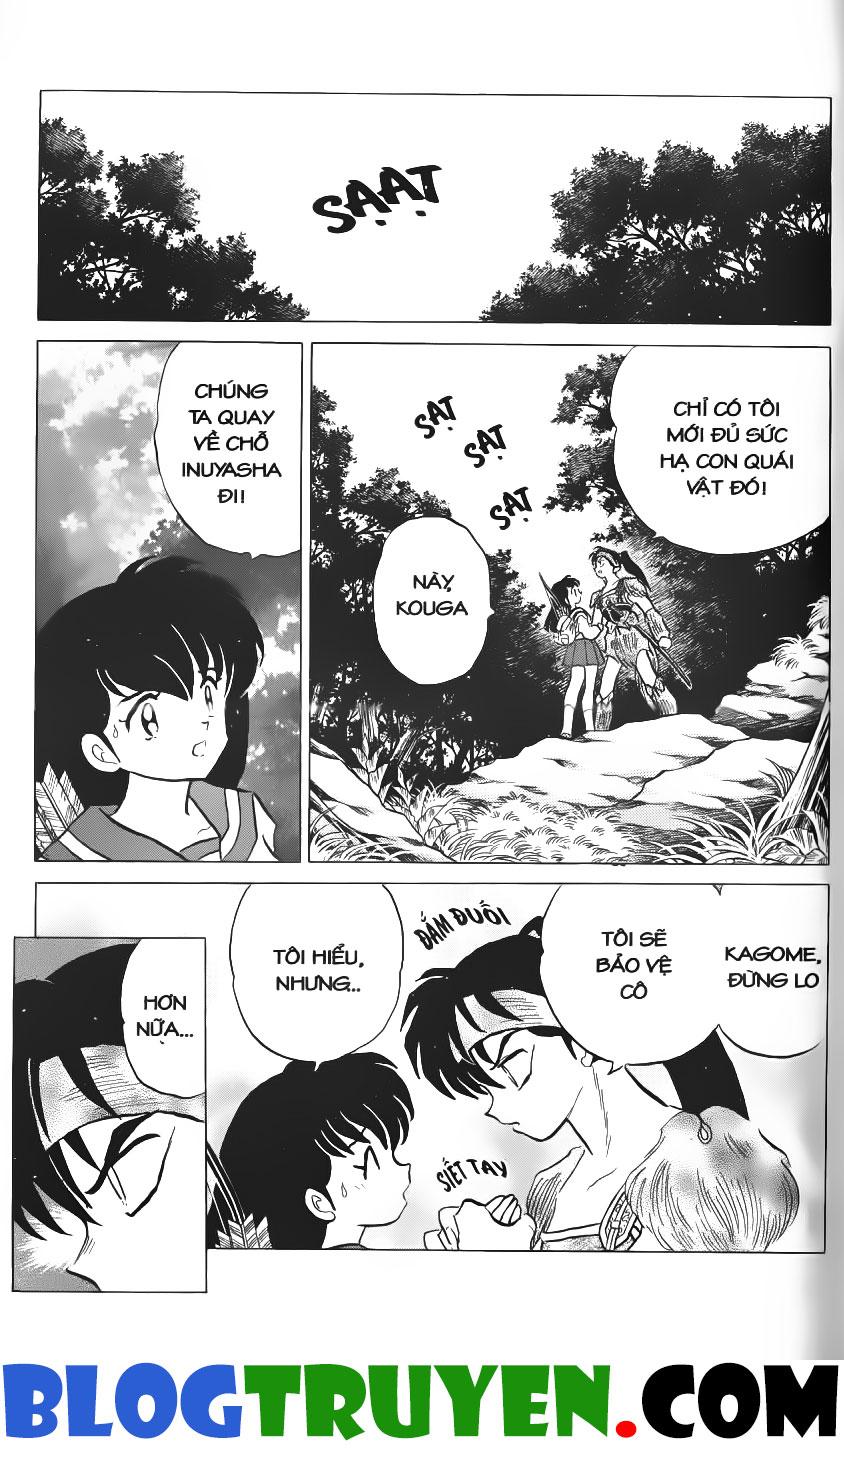 Inuyasha vol 23.8 trang 4